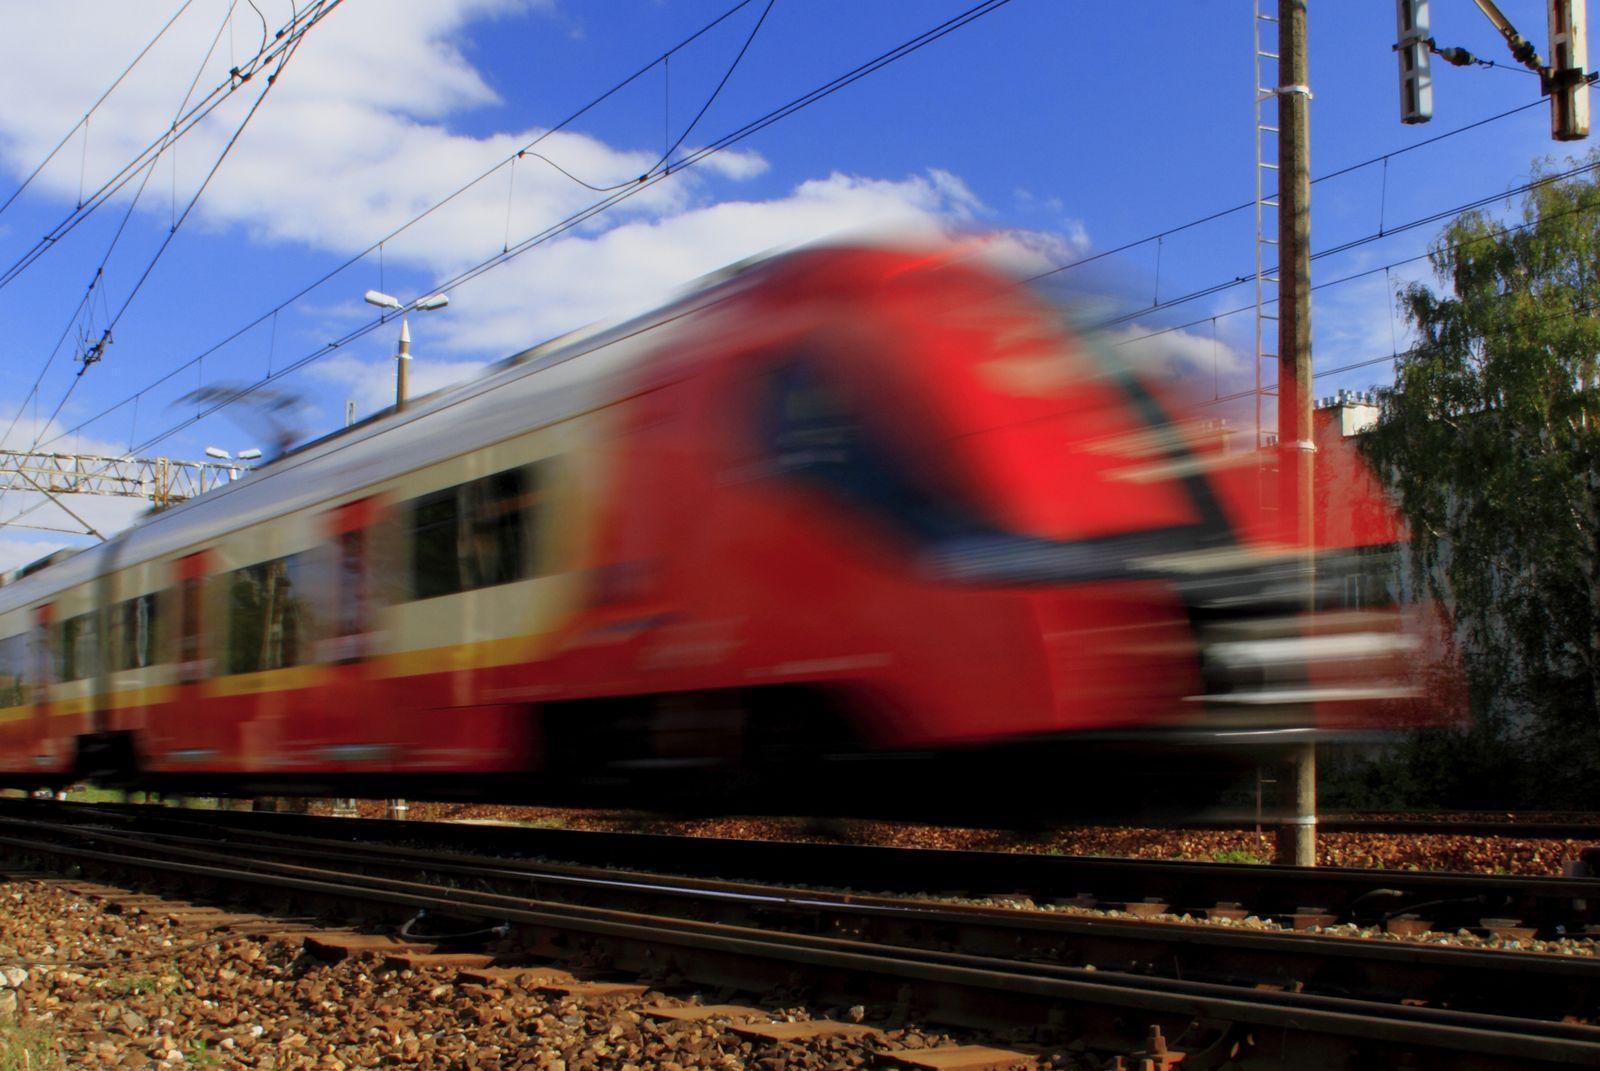 Zbudują nową linię kolejową w Wielkopolsce? - Zdjęcie główne